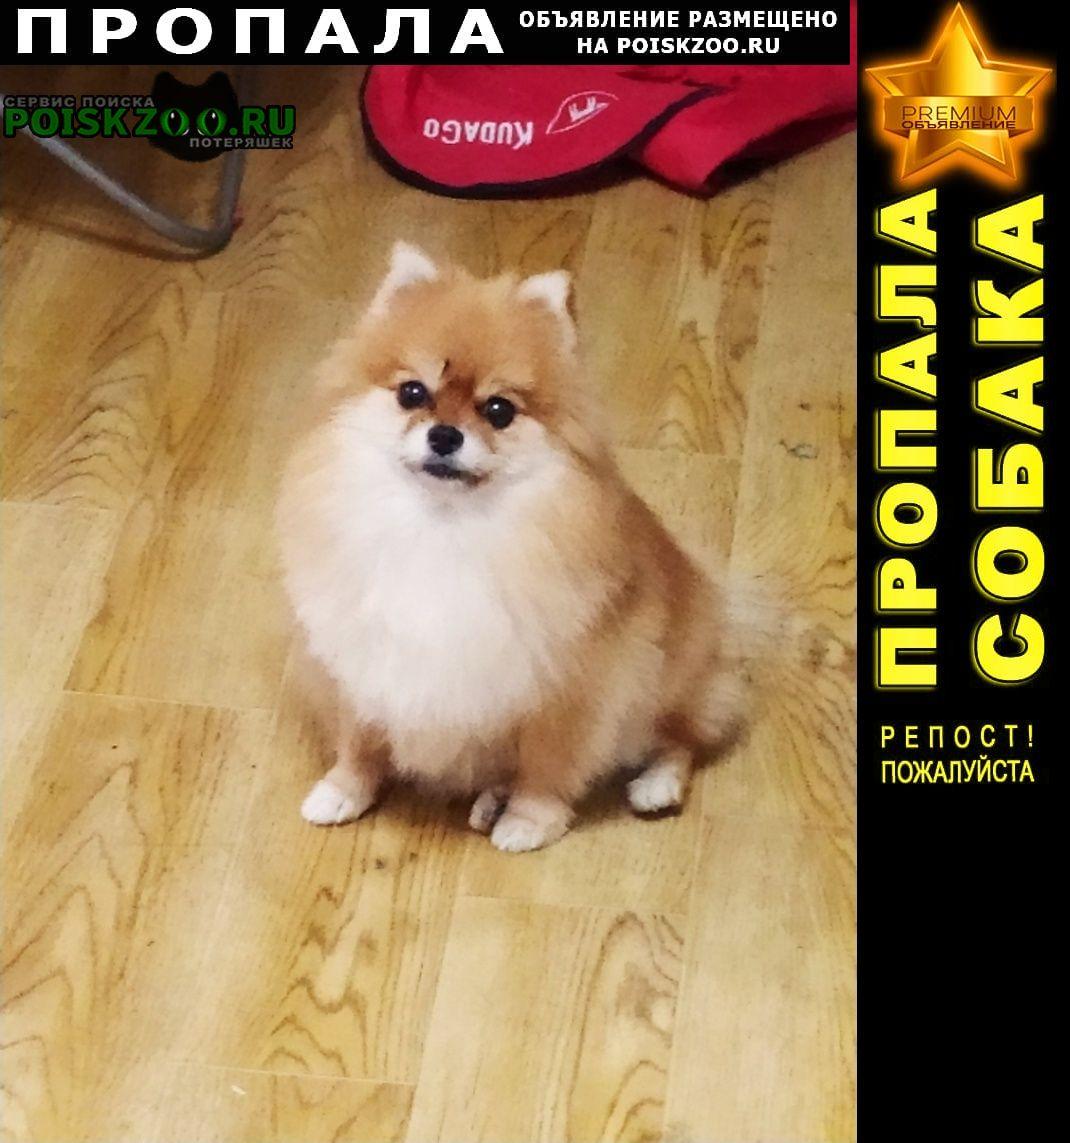 Пропала собака Пушкино